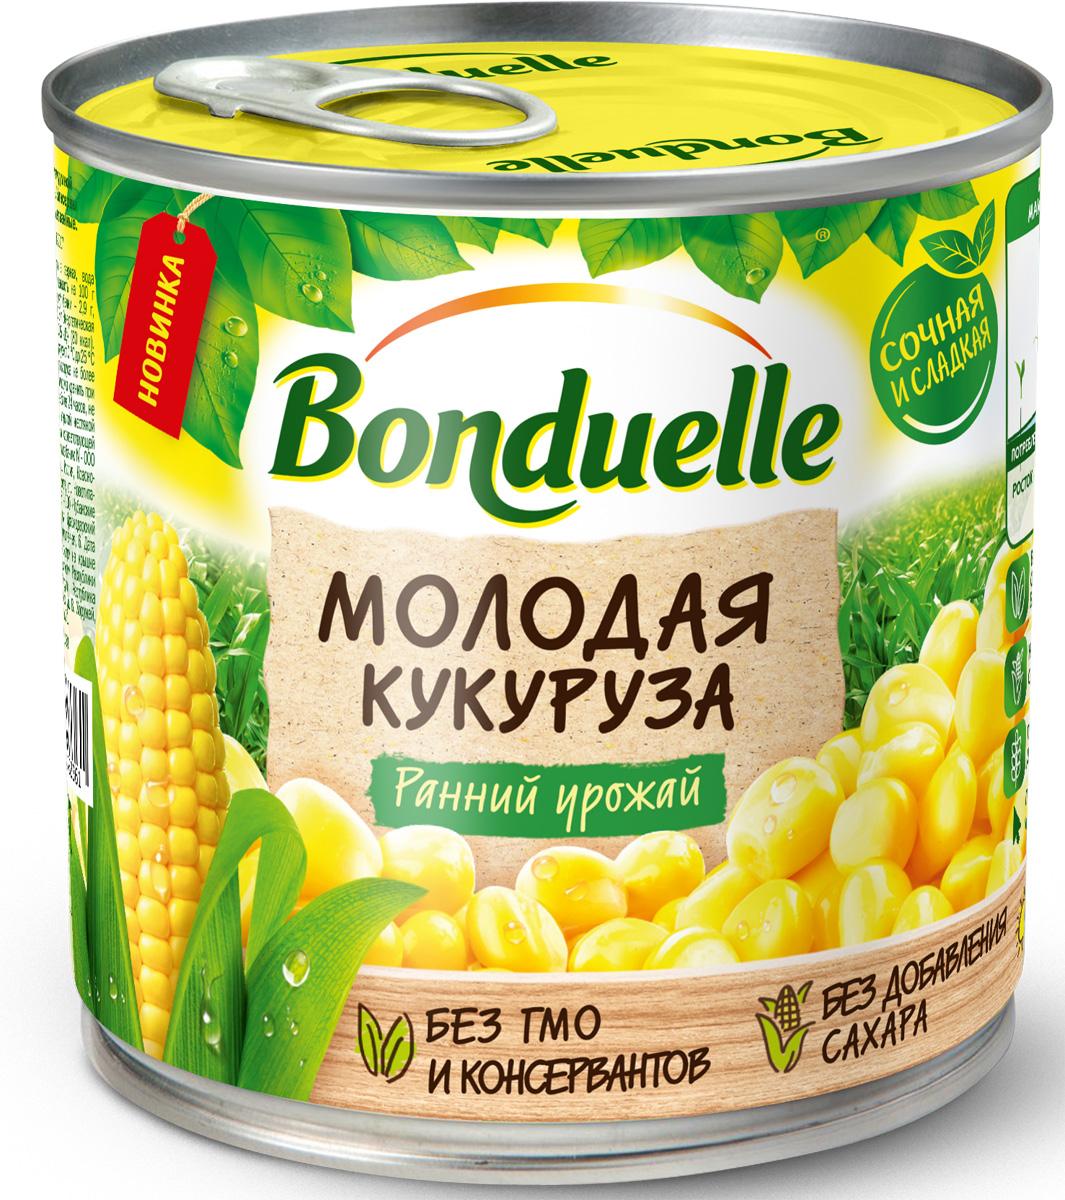 Bonduelle Кукуруза молодая, 170 г3083681083330Высокое качество, изысканный вкус, сочная, натурально сладкая, без добавления сахара. Вкусный и полезный перекус, сочный и хрустящий ингредиент для овощных салатов.